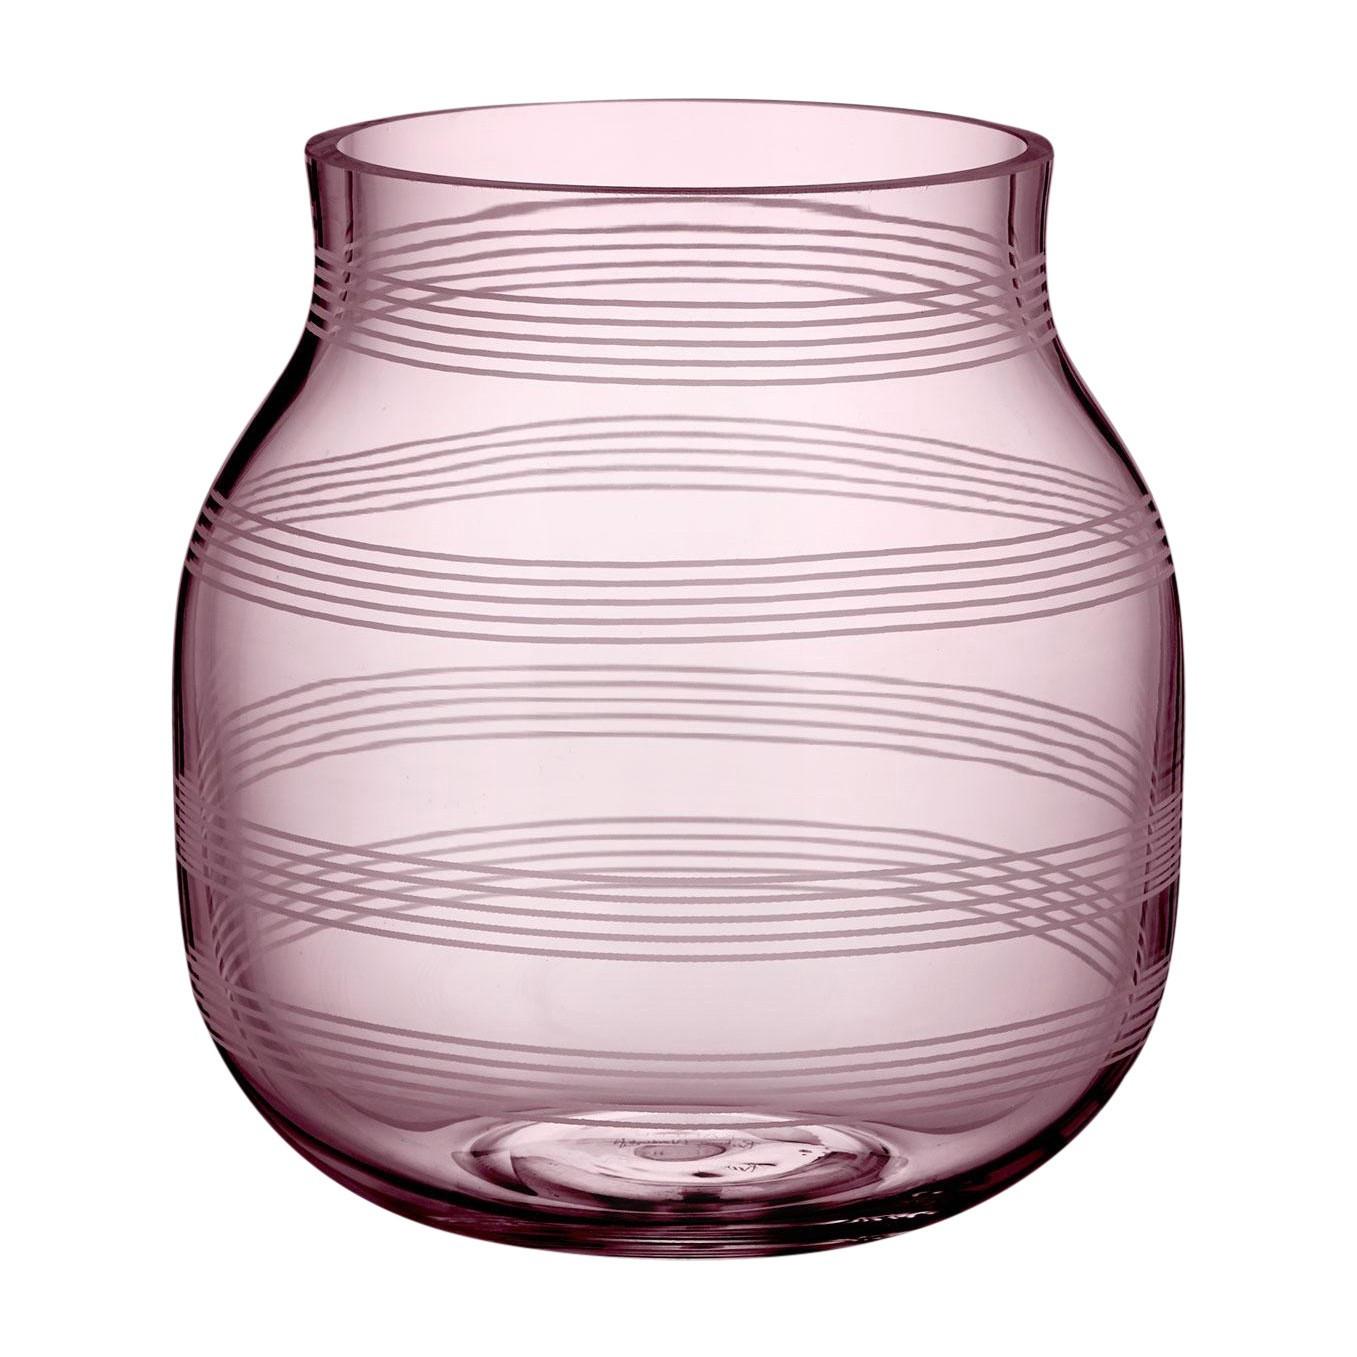 glass cylinder vases 9 in of ka¤hler omaggio glass vase h 17cm ambientedirect inside kaehler omaggio glasvase h 17cm 1357x1357 id1922376 cdd758e4260a859ee9db9bec5014a957